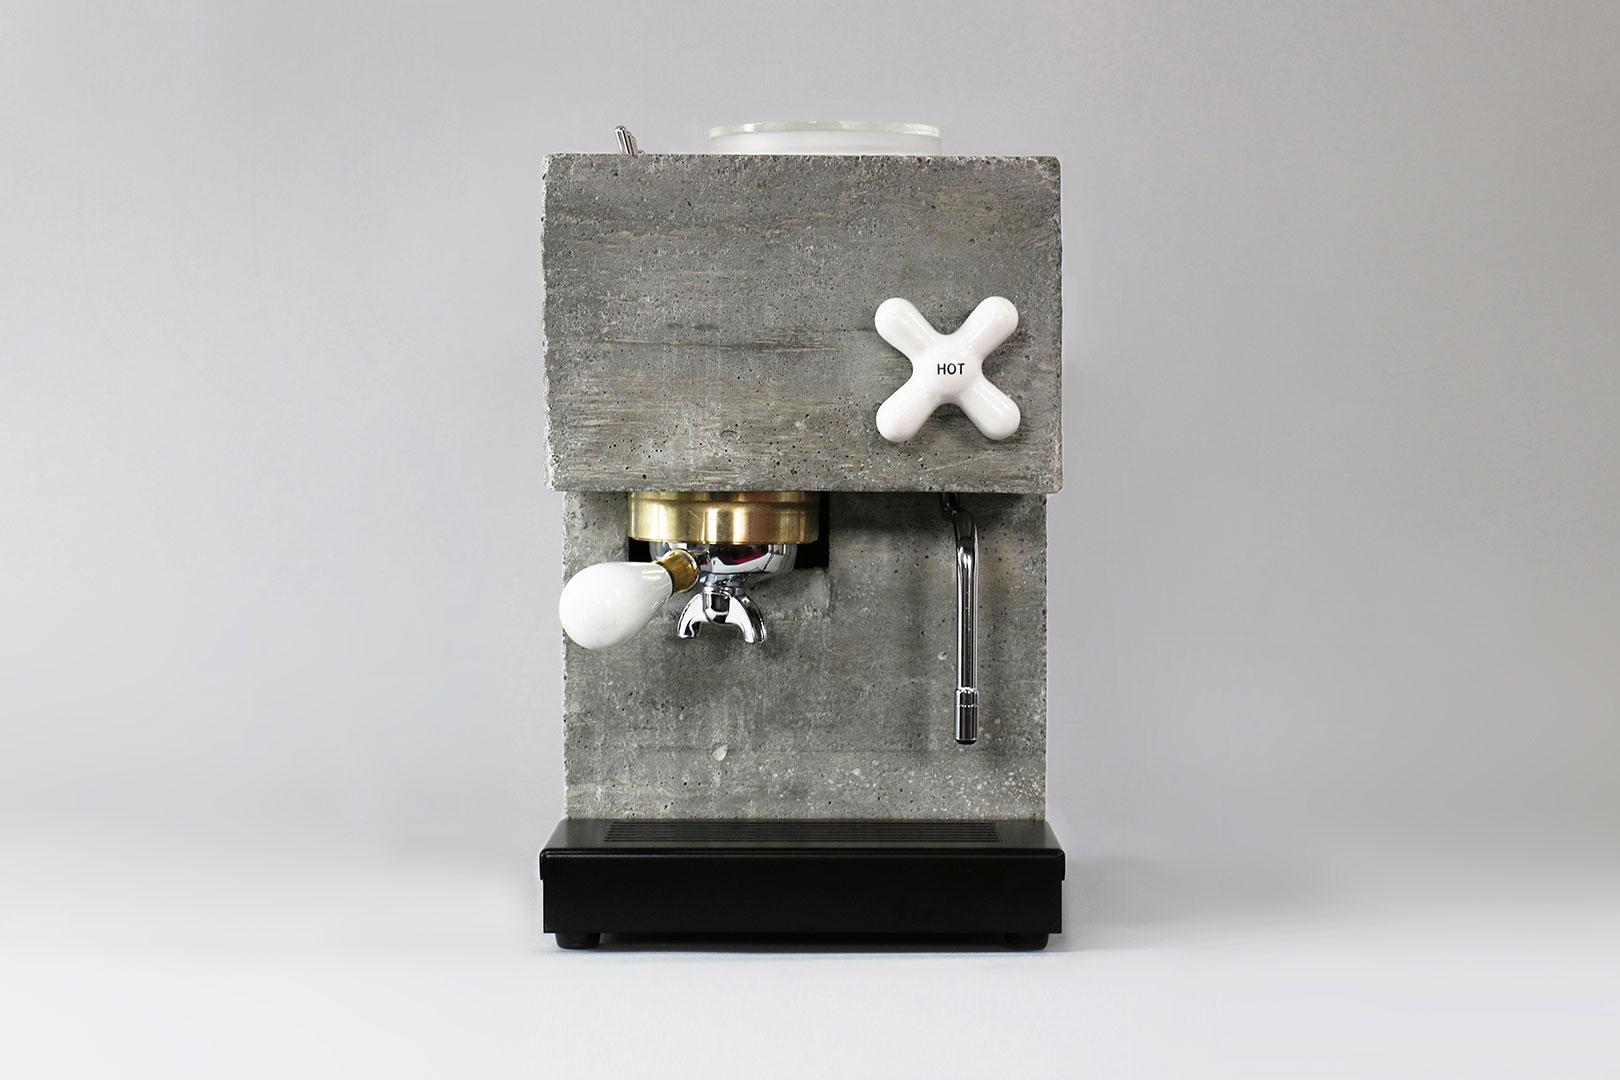 Kaffee für wahre Brutalisten – die Espressomaschine Anza aus Beton